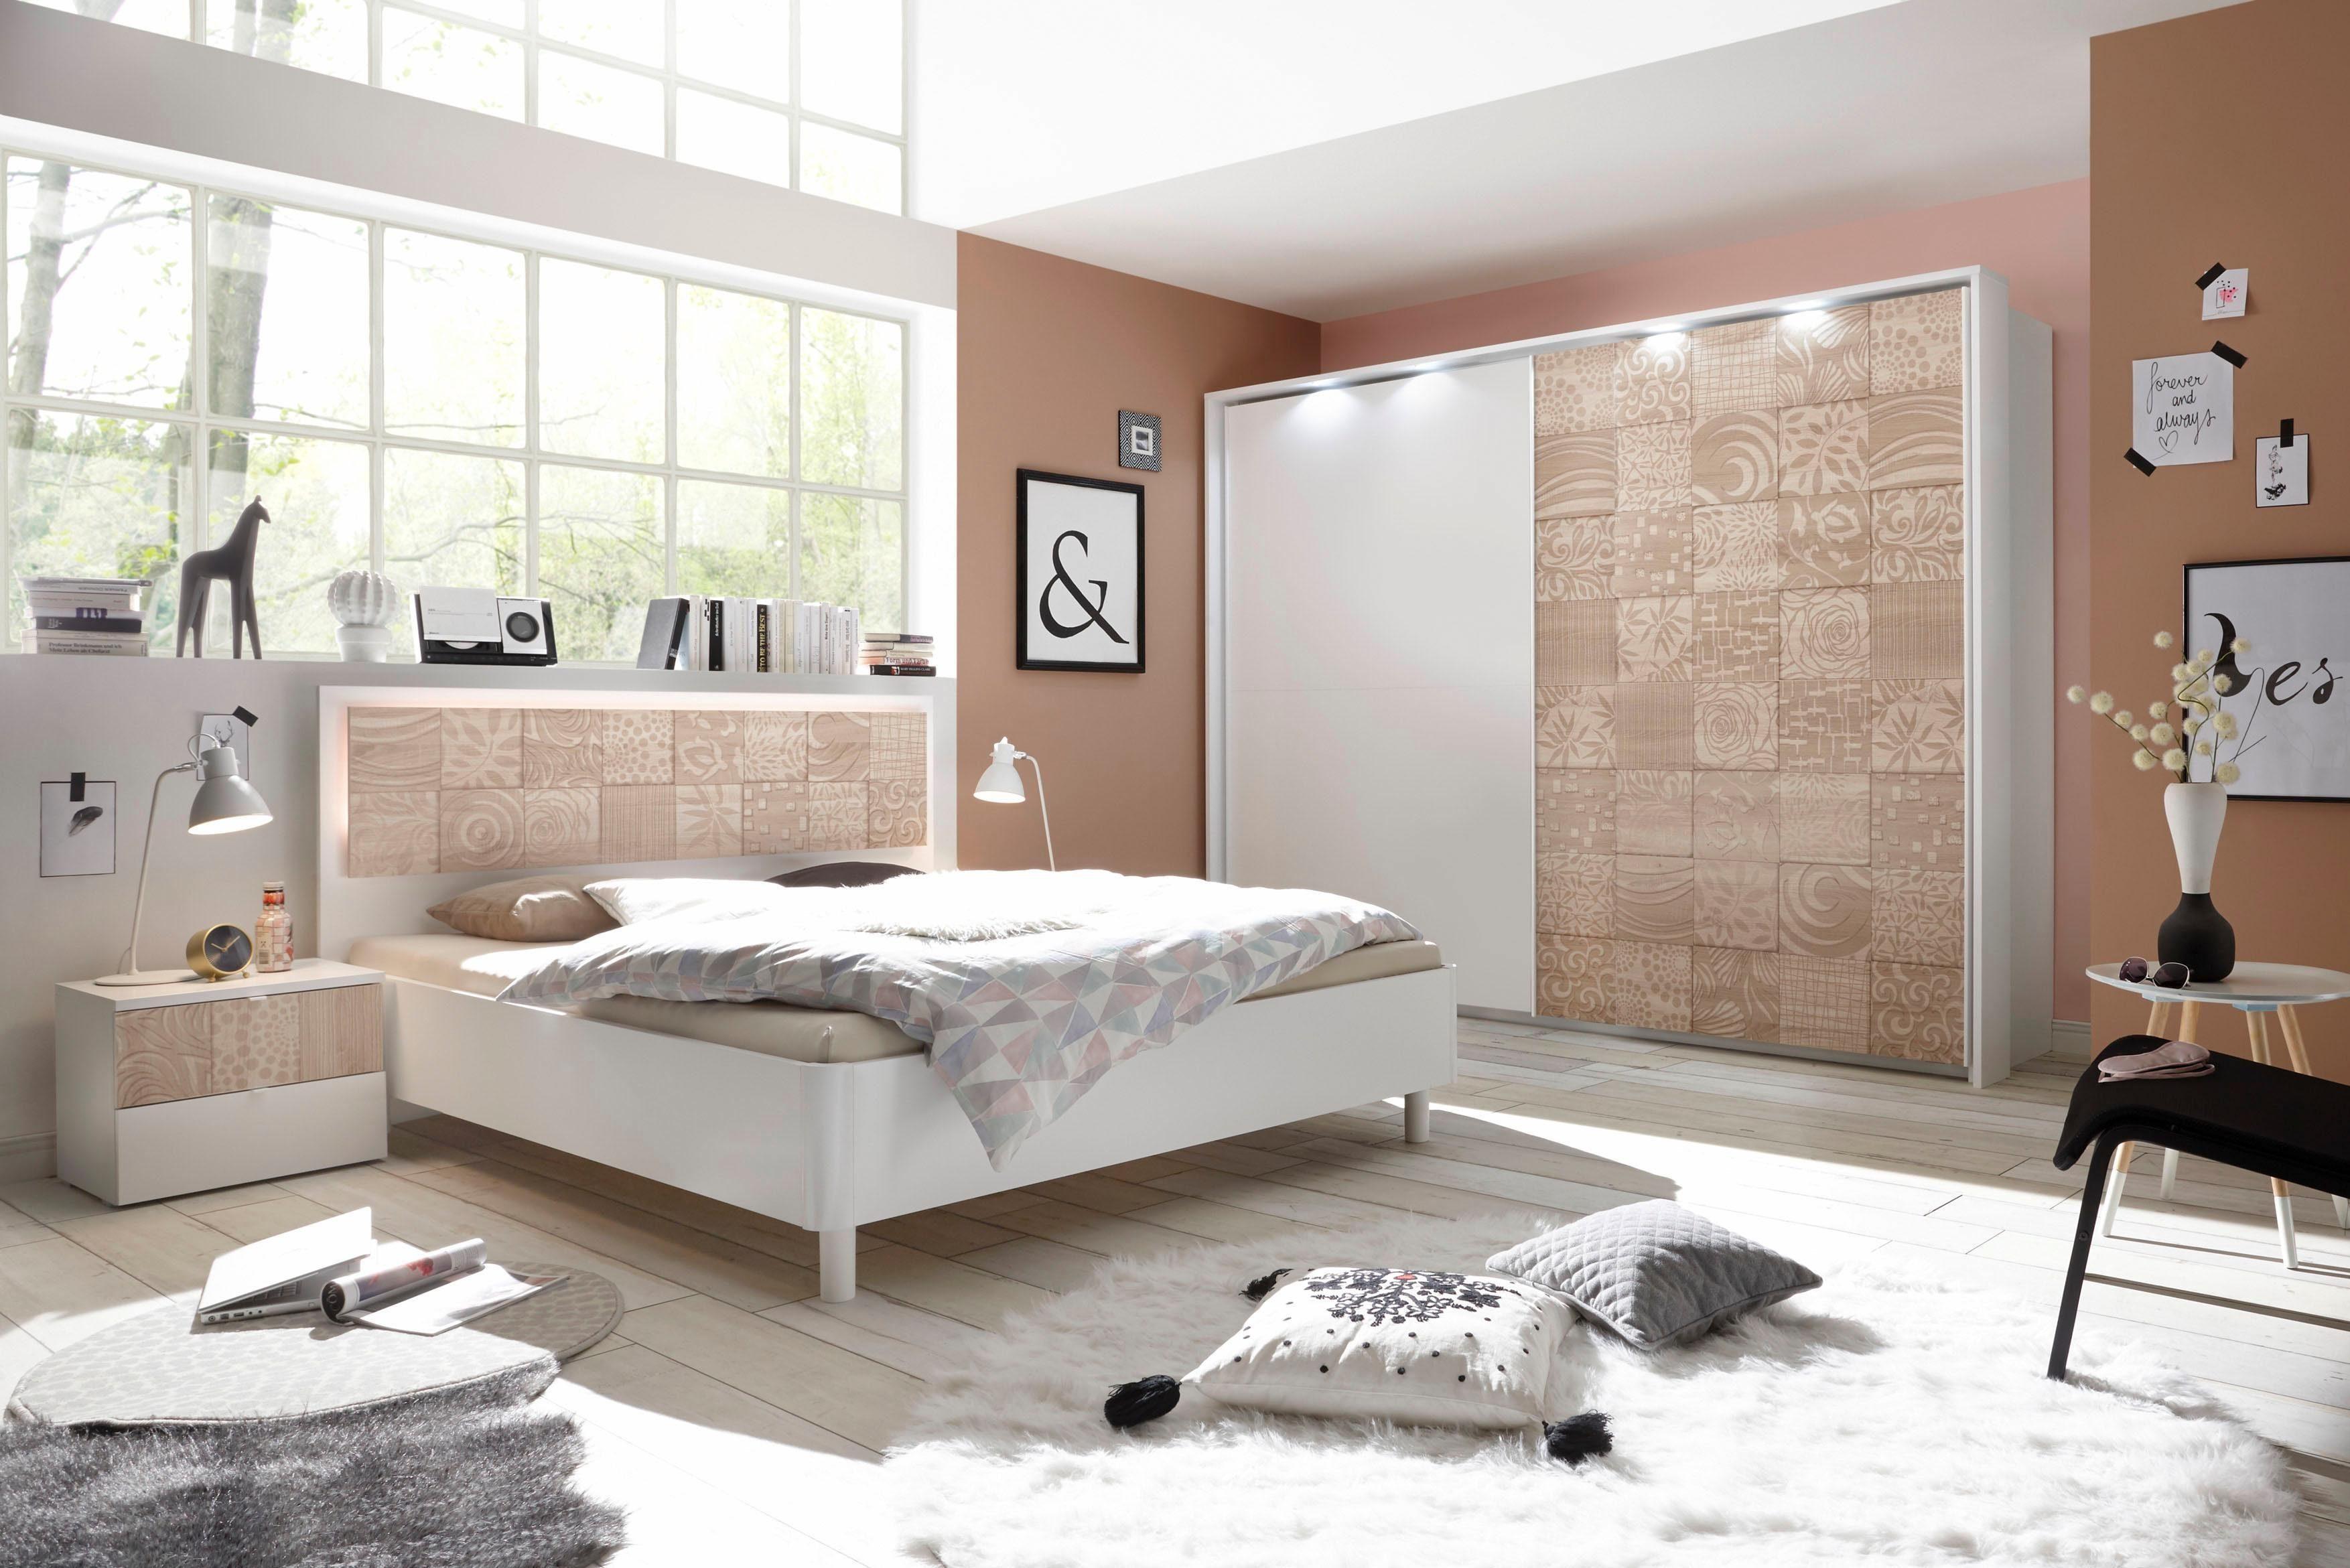 Complete Slaapkamer Aanbieding : Complete slaapkamers kopen bekijk de collectie otto